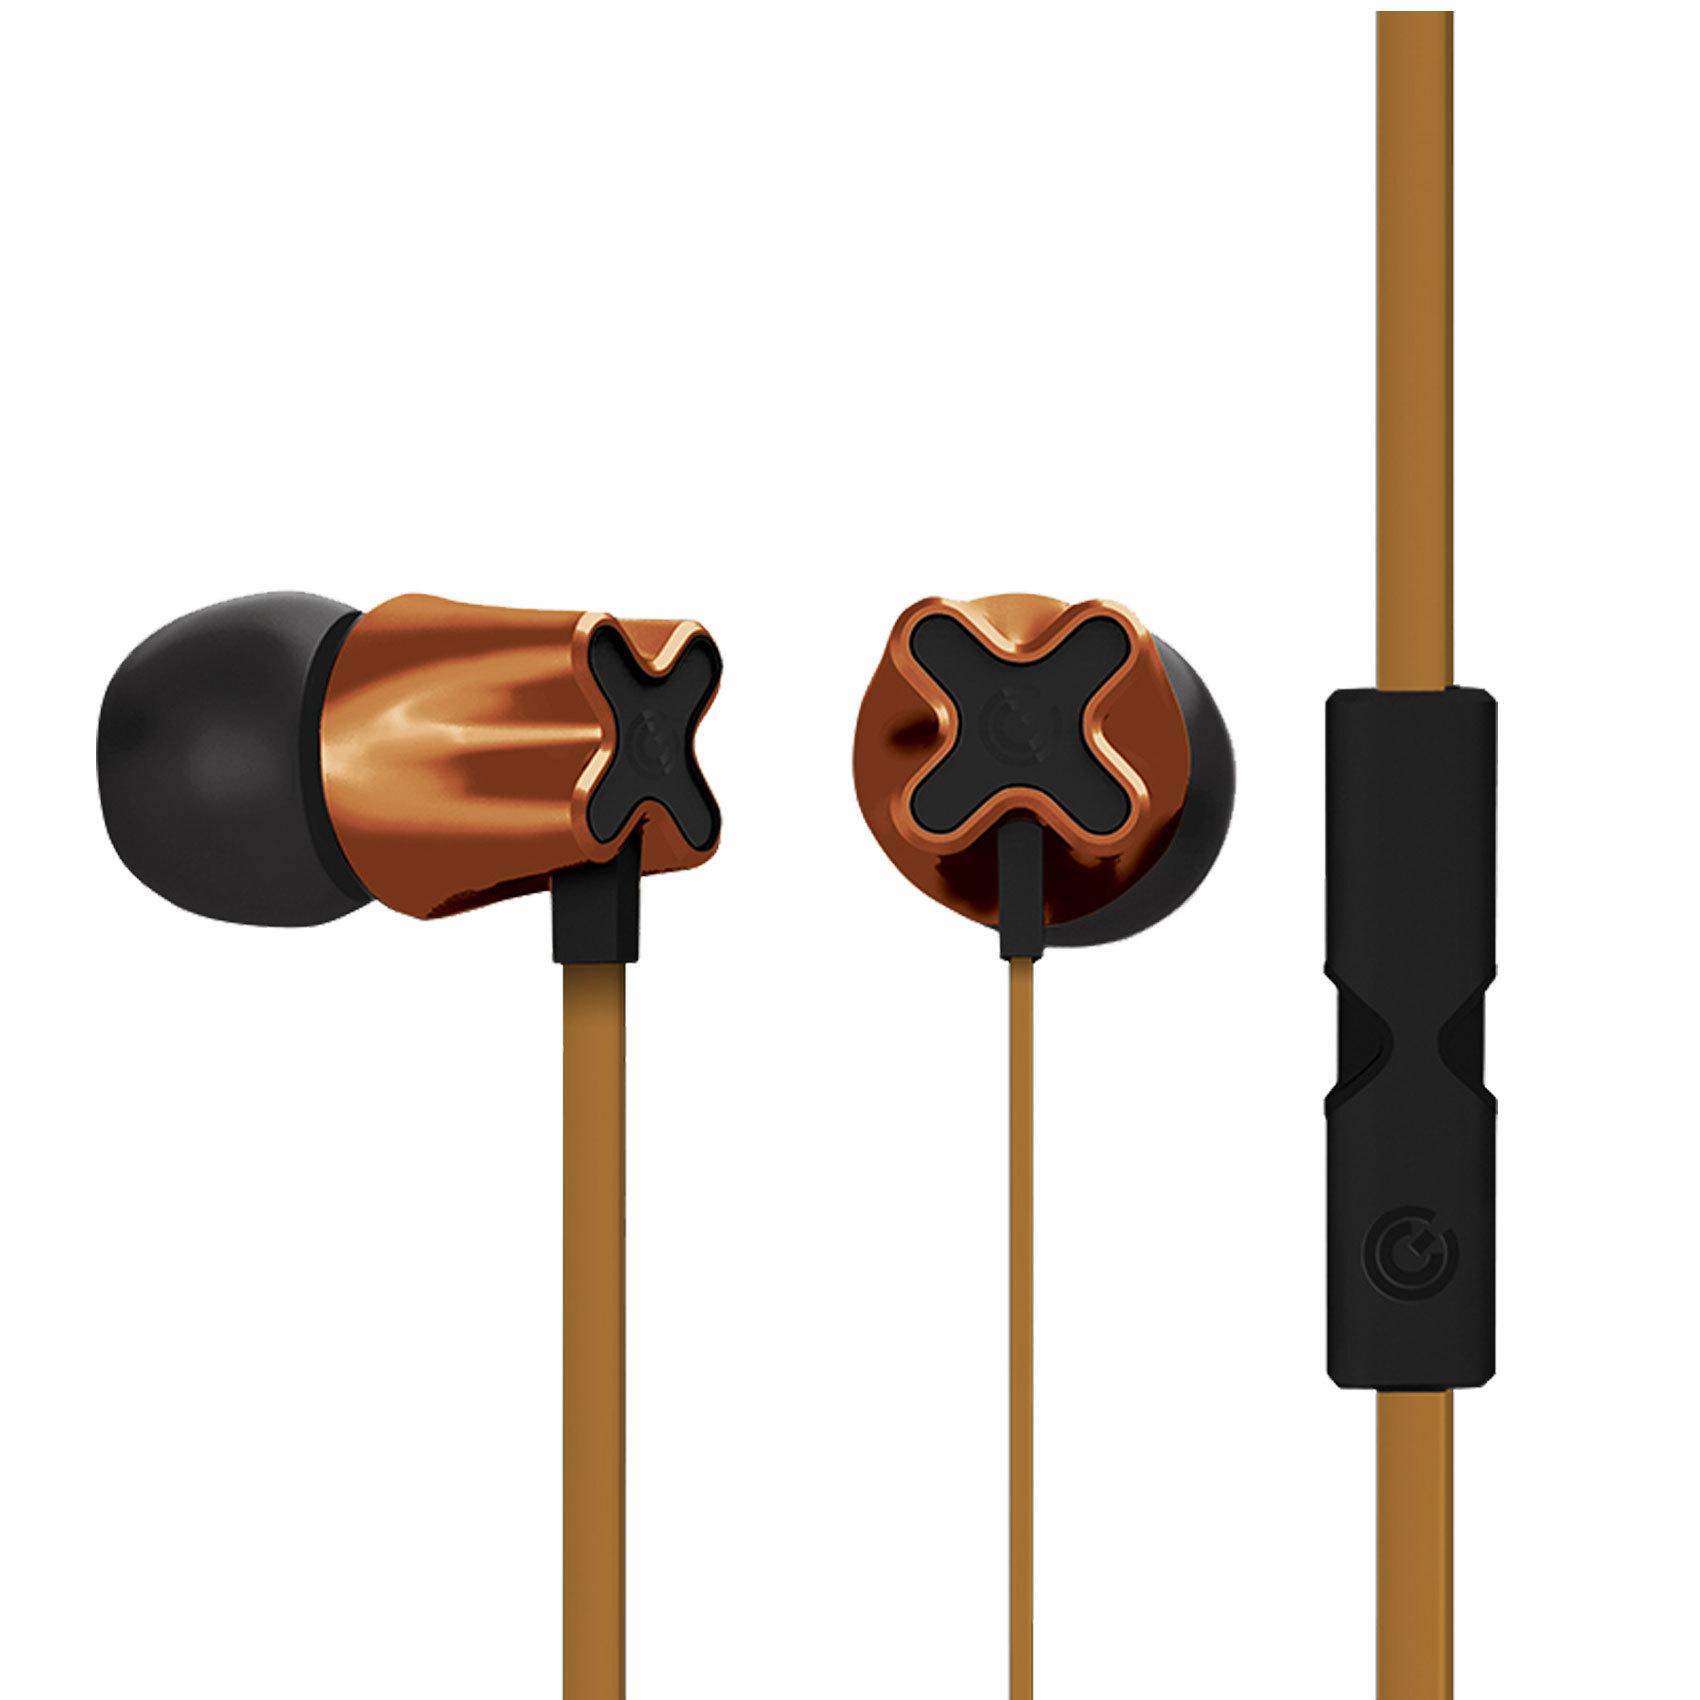 SONICGEAR EARPHONE SPARKPLUG W/MIC